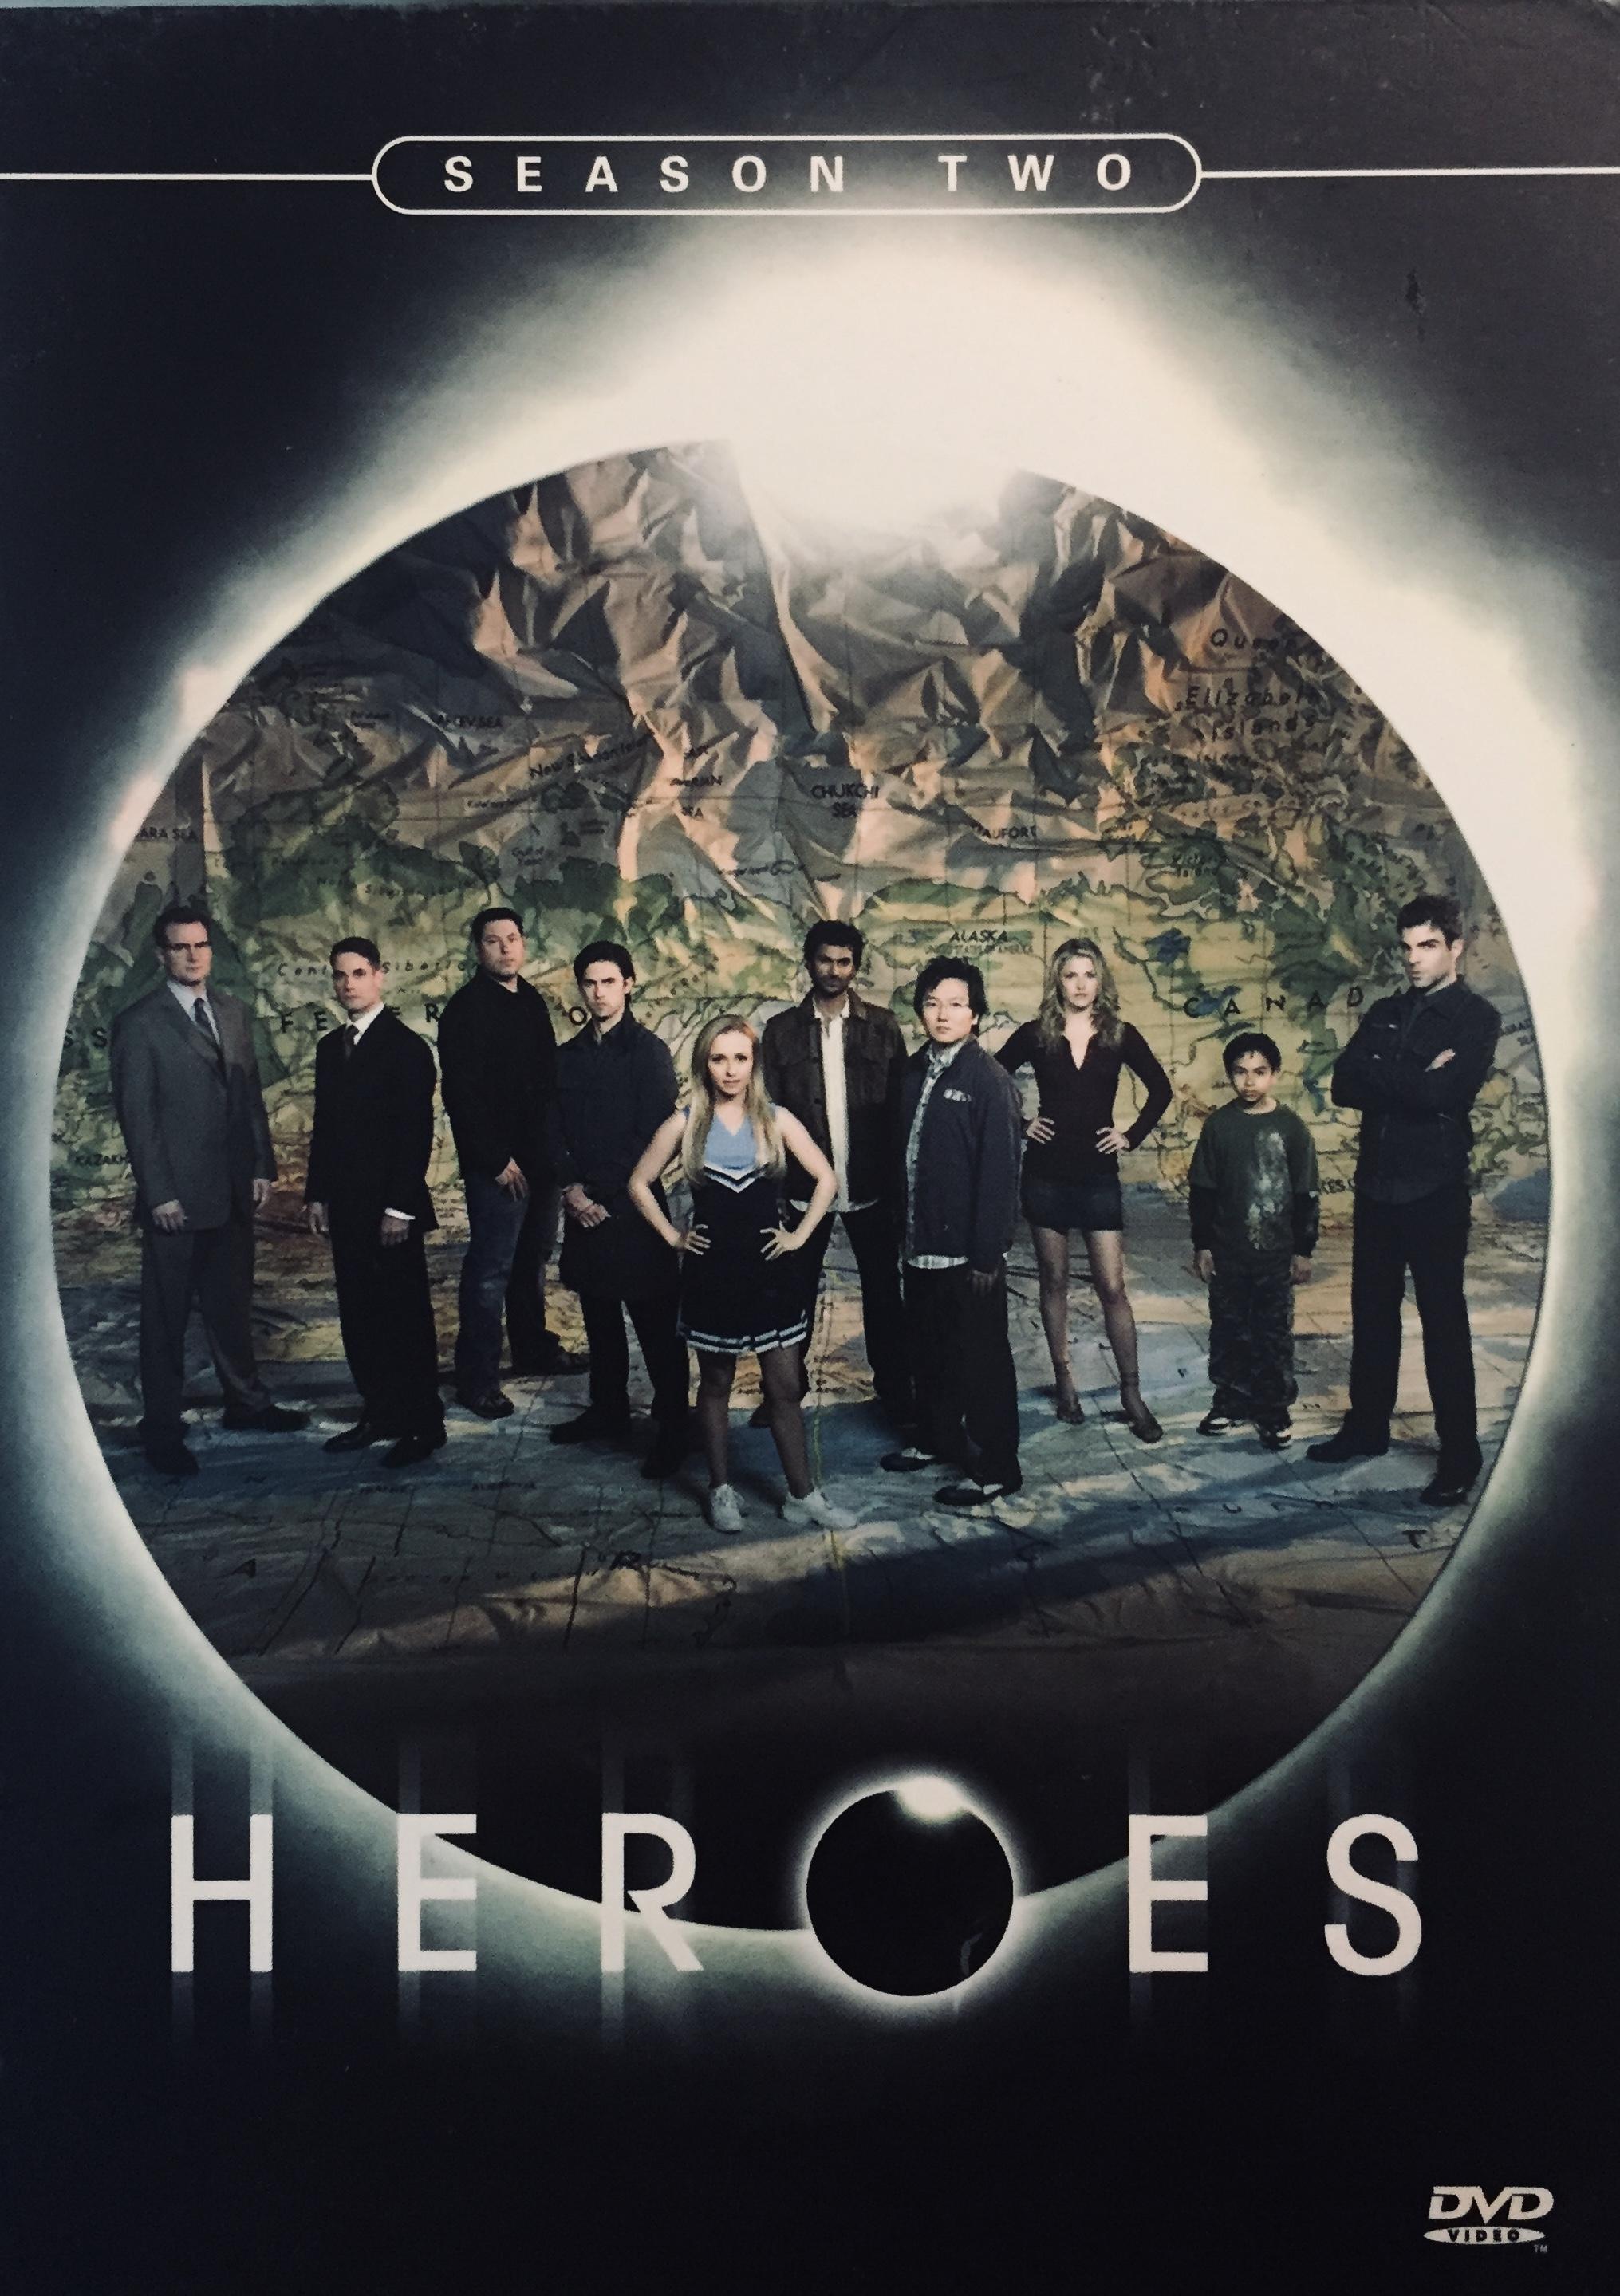 Heroes - Season Two - v originálním znění bez CZ titulků - 6xDVD /karton obal/